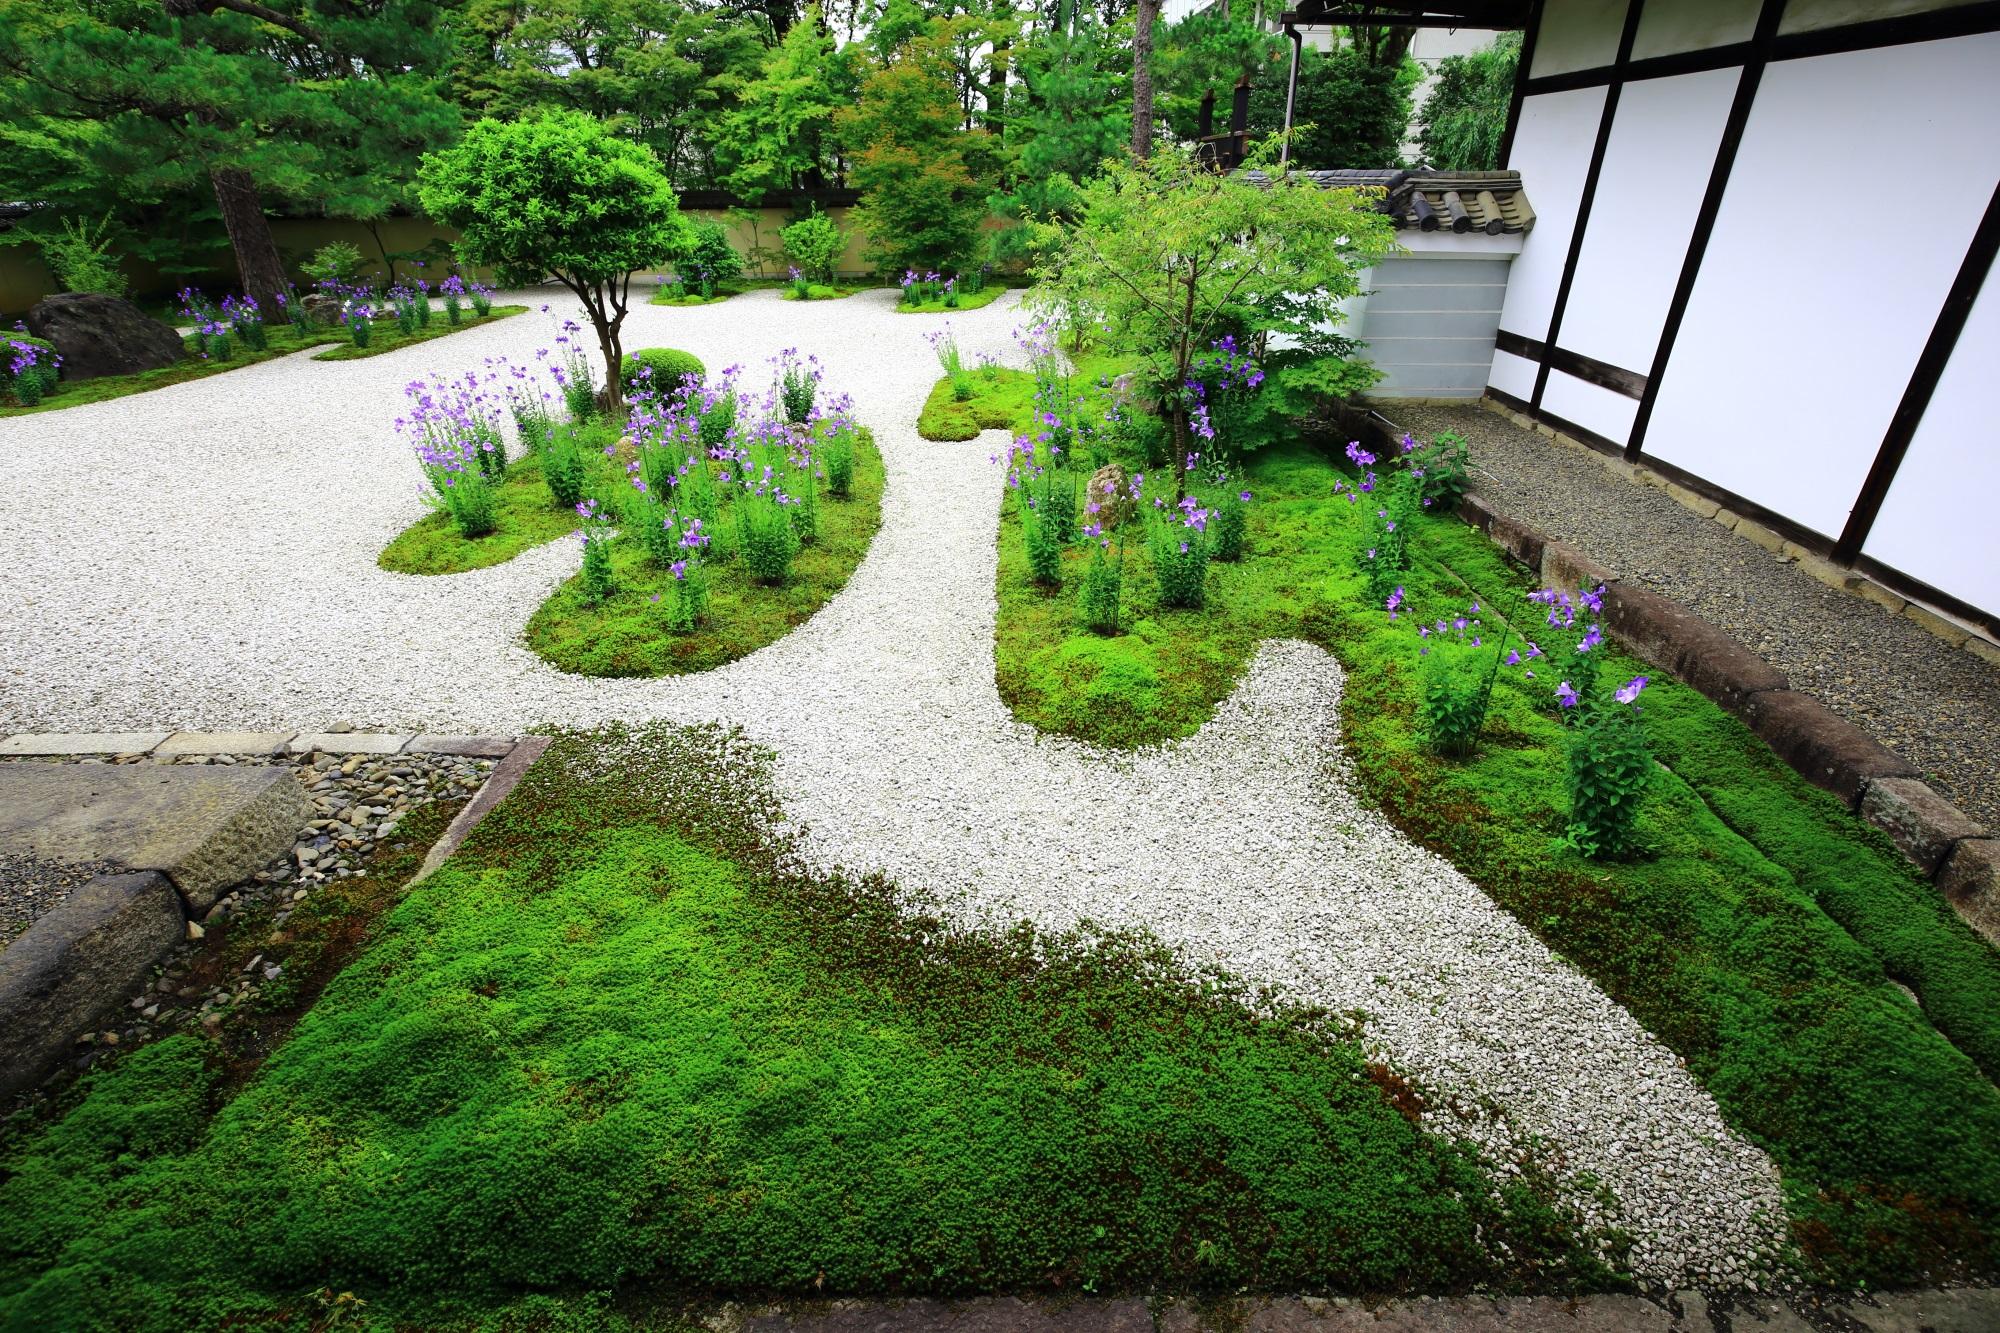 良く手入れされた上品な枯山水庭園である廬山寺の源氏庭